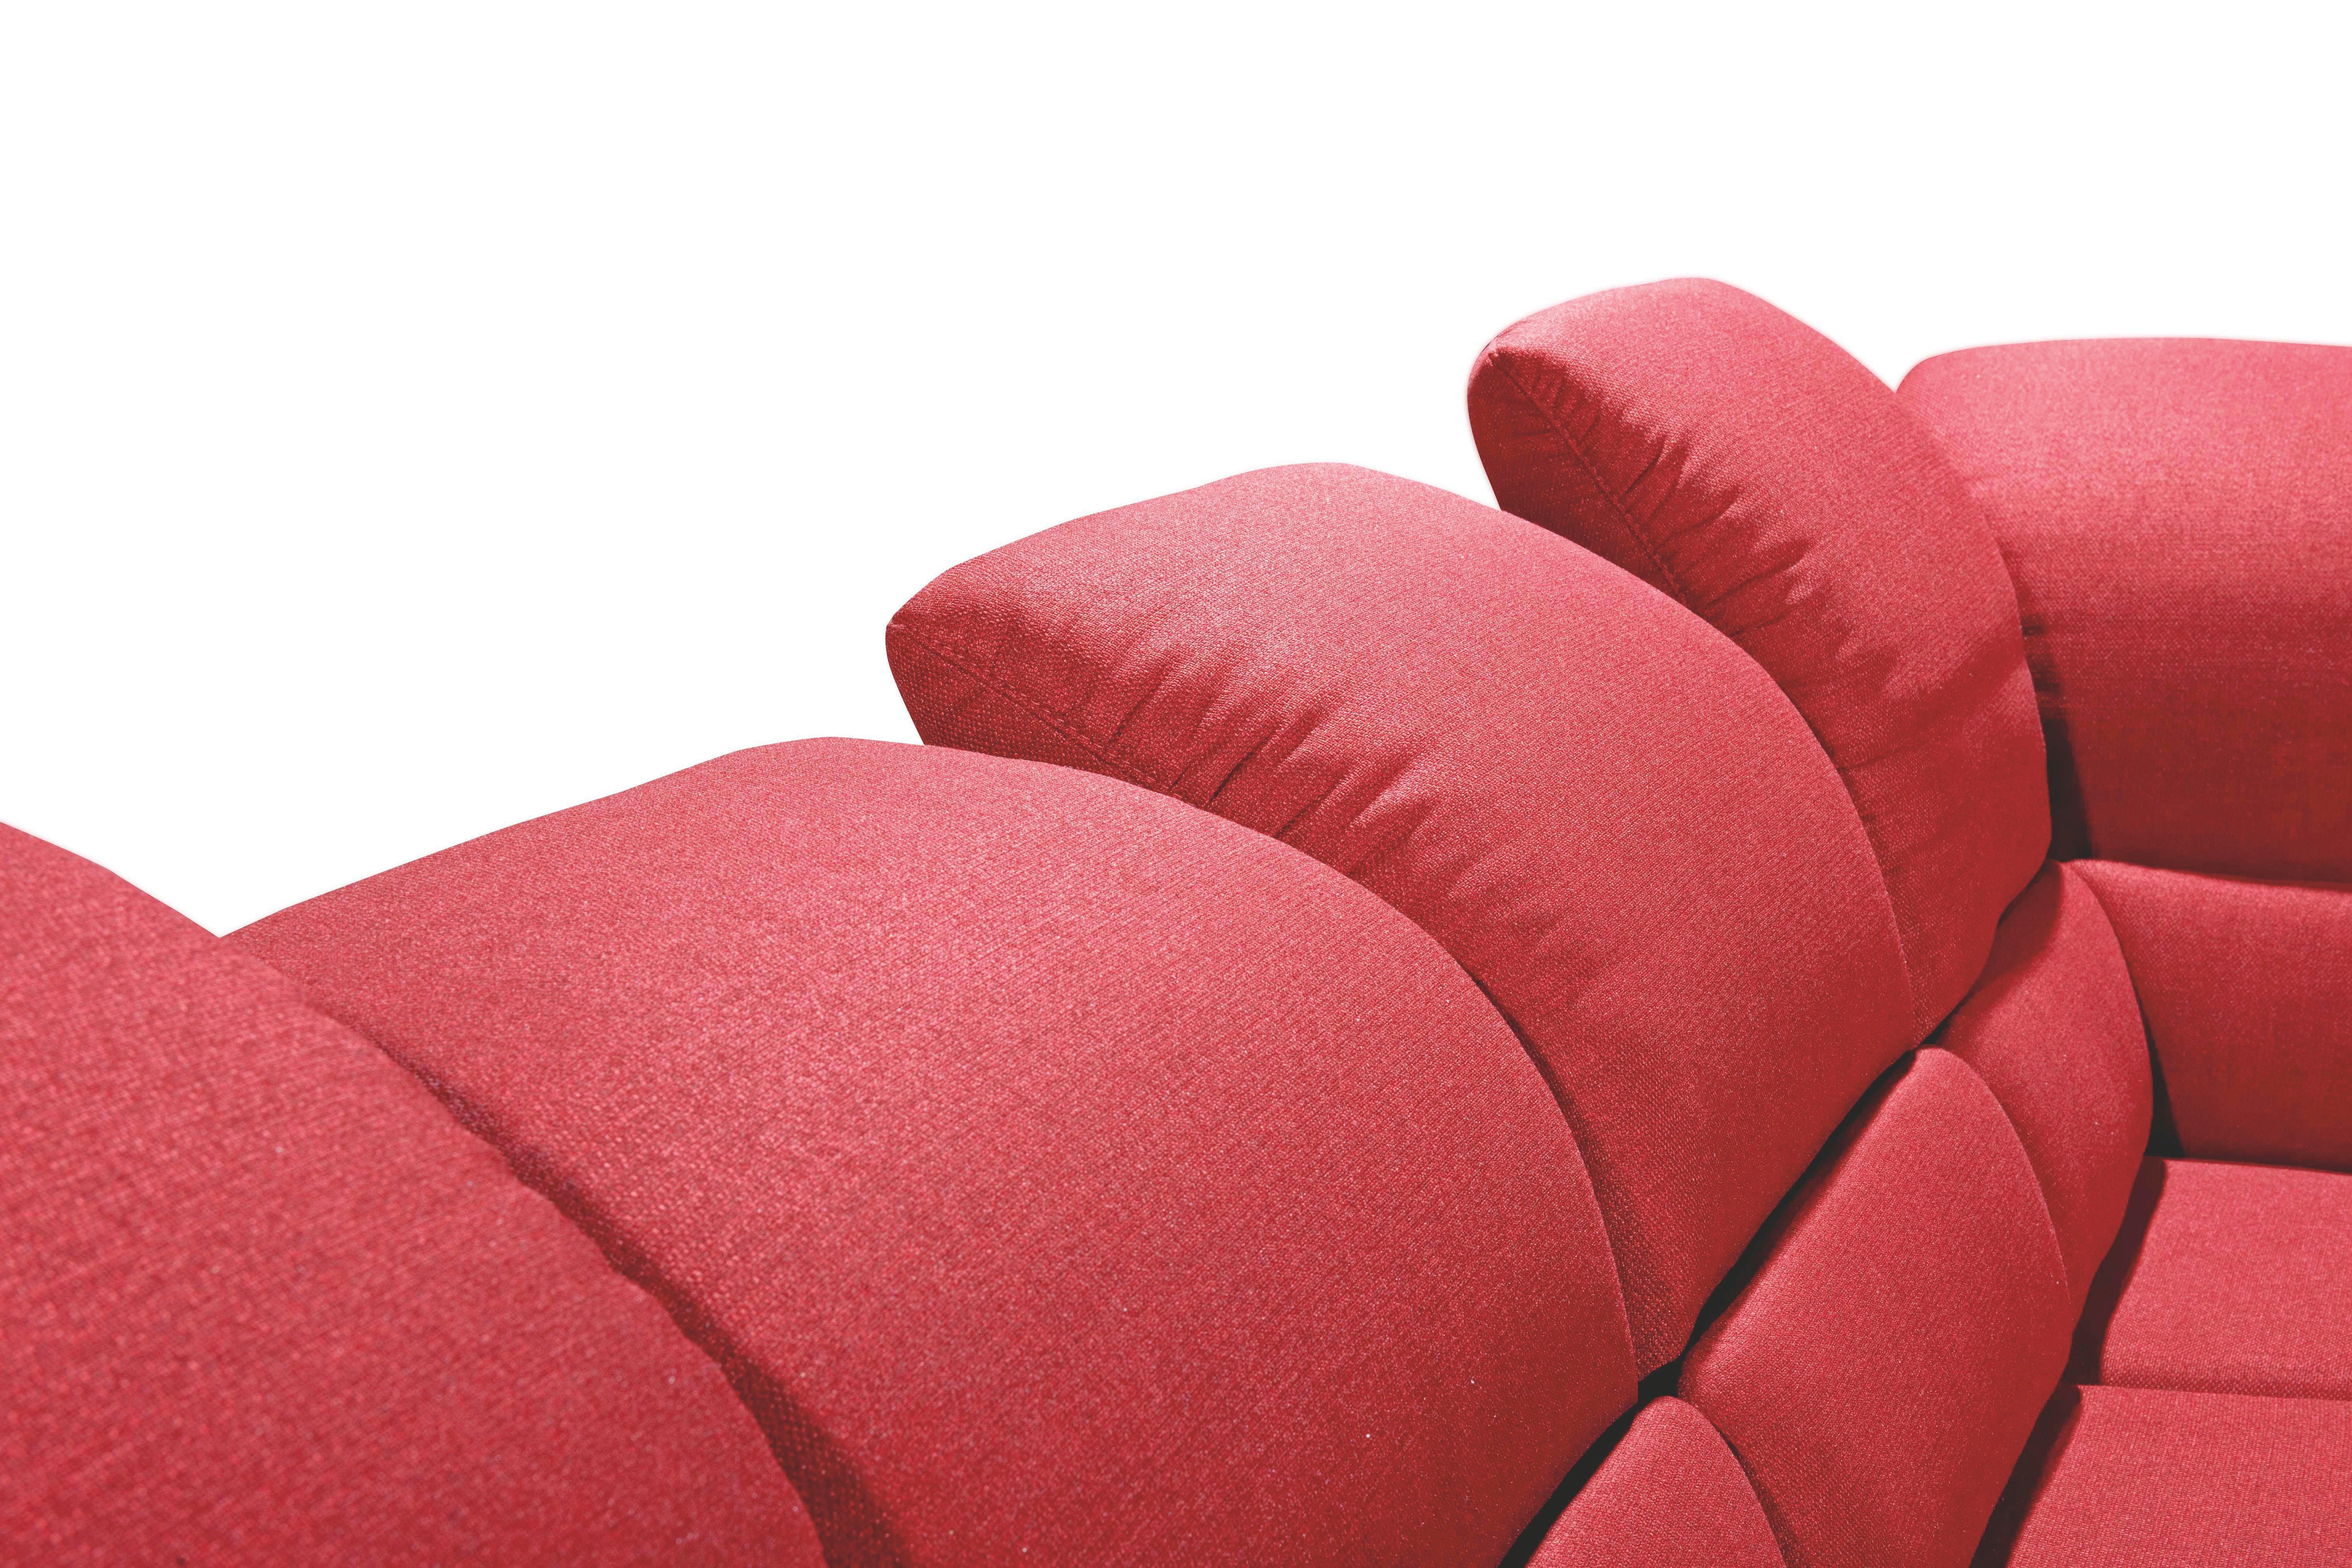 WOHNLANDSCHAFT Flachgewebe - Chromfarben/Rot, MODERN, Textil/Metall (174/348/236cm) - MUSTERRING